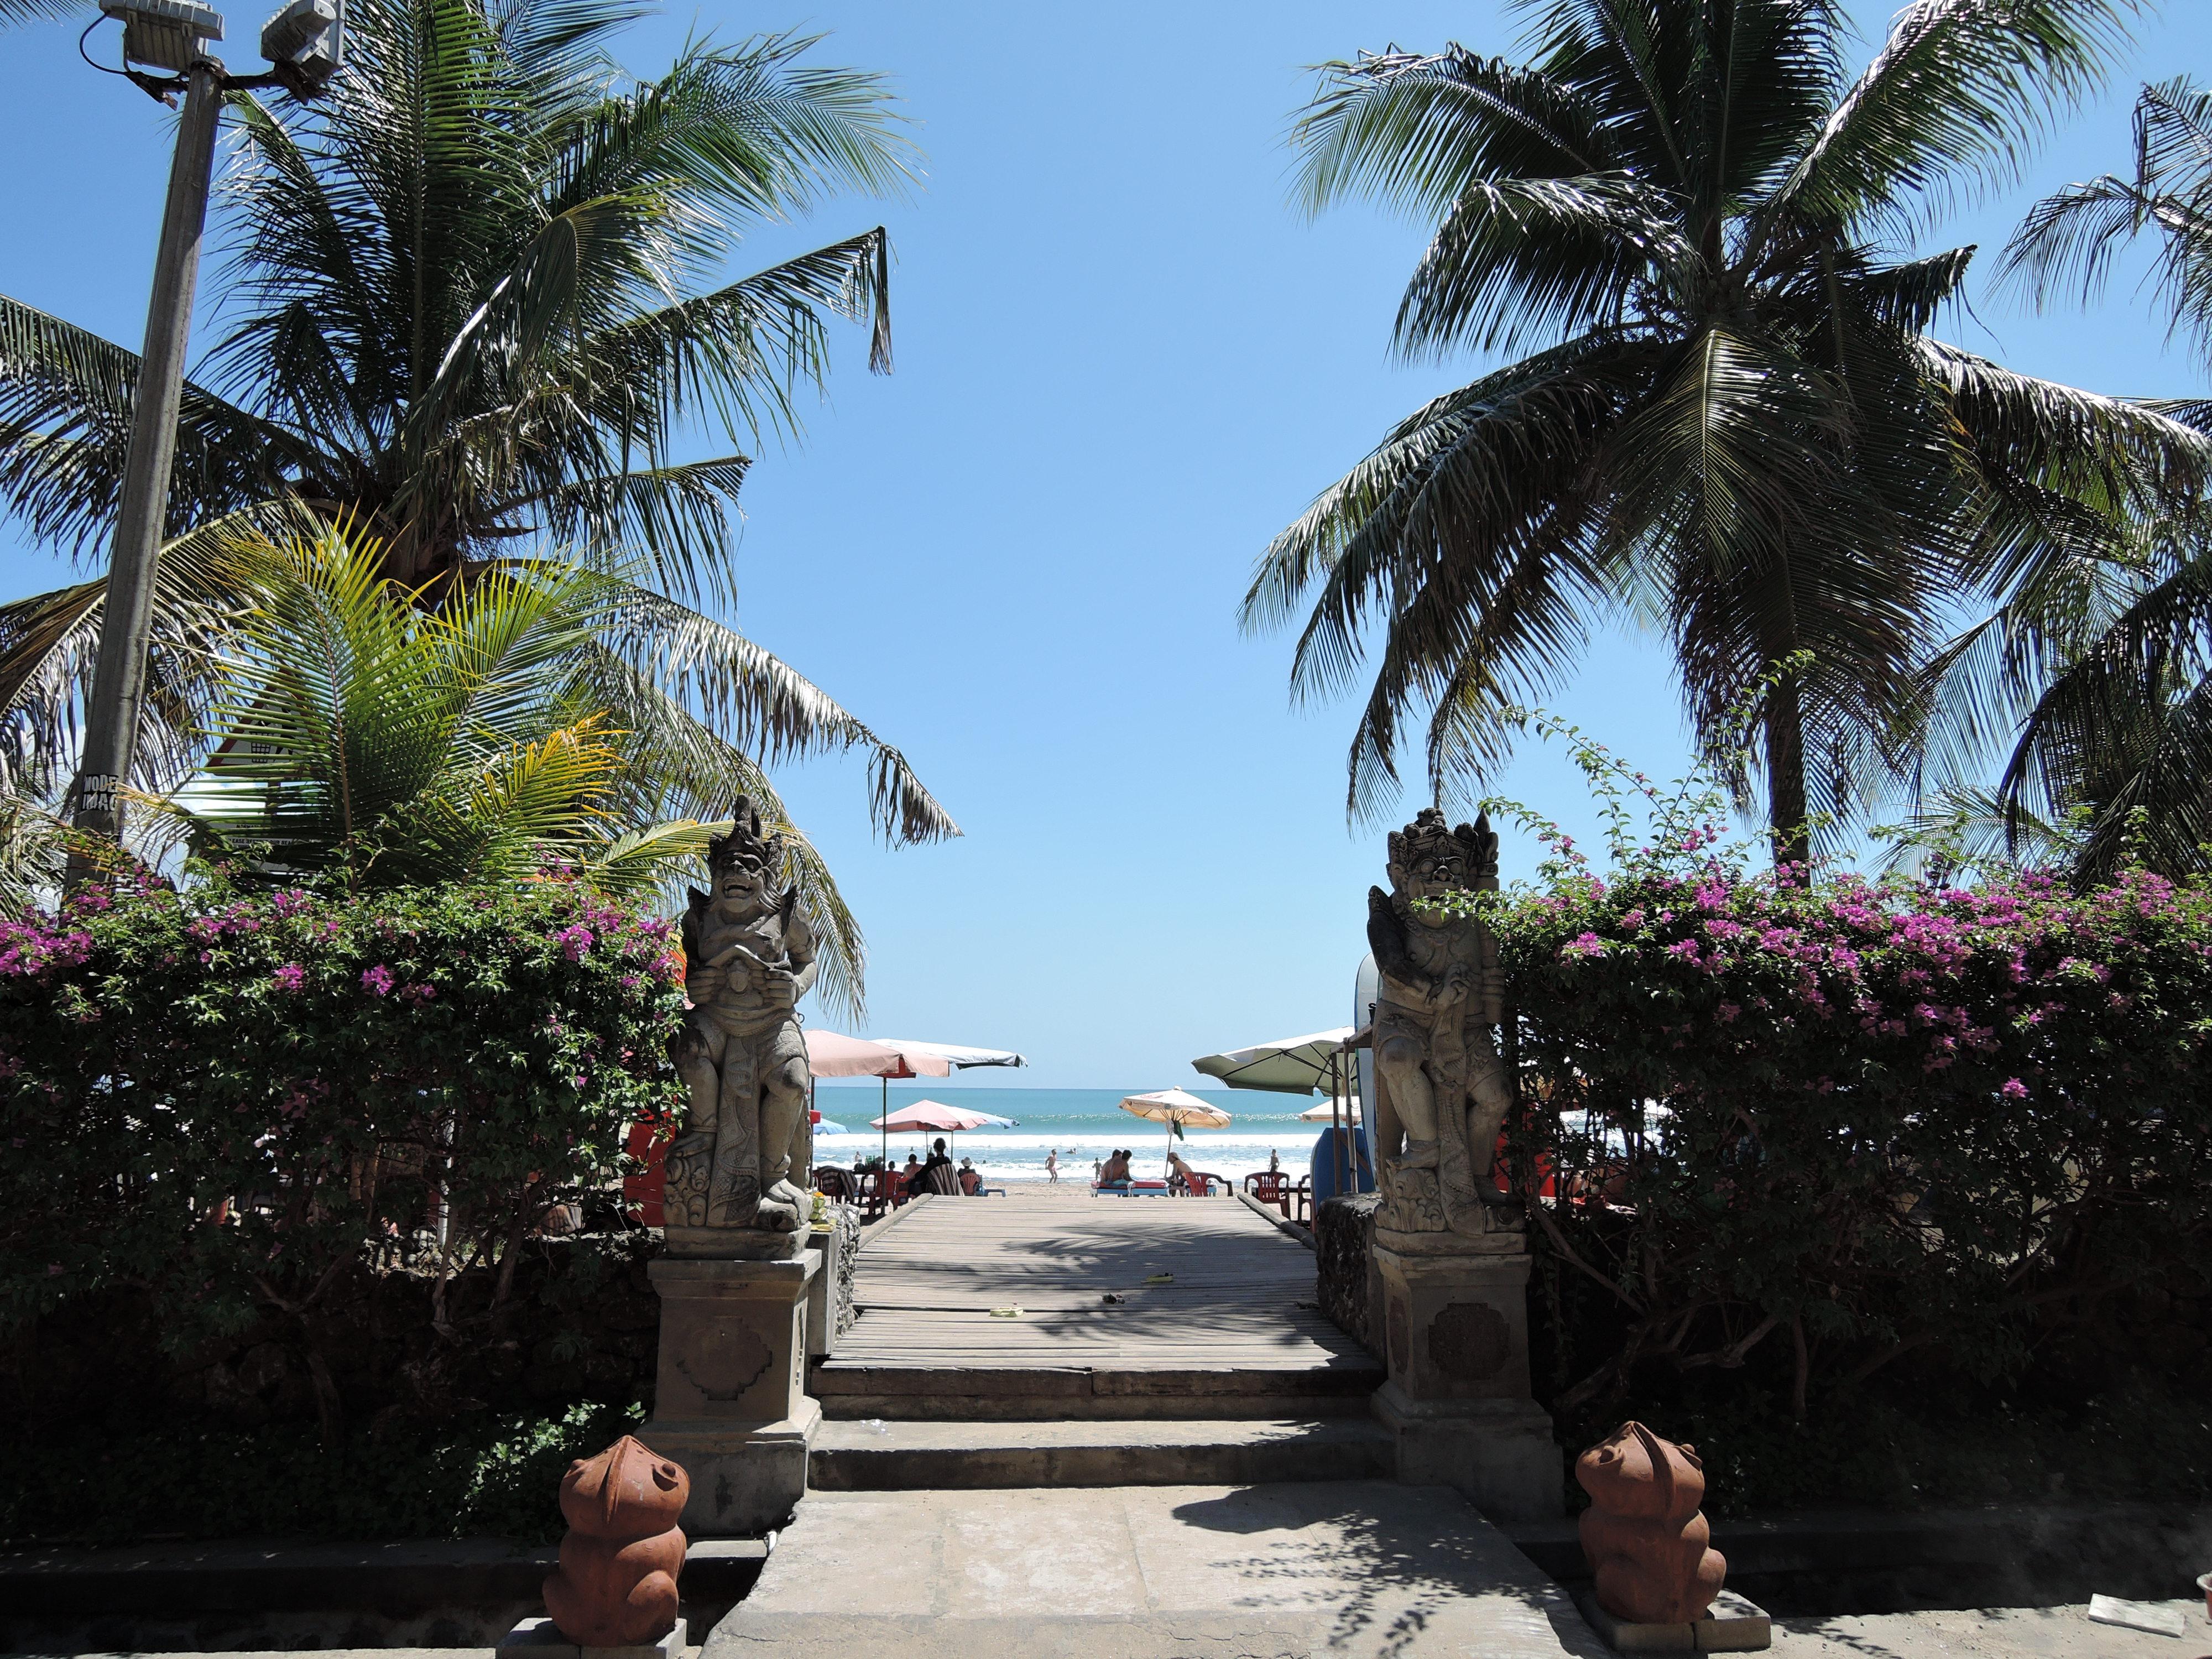 Entrada da praia em Kuta, Bali